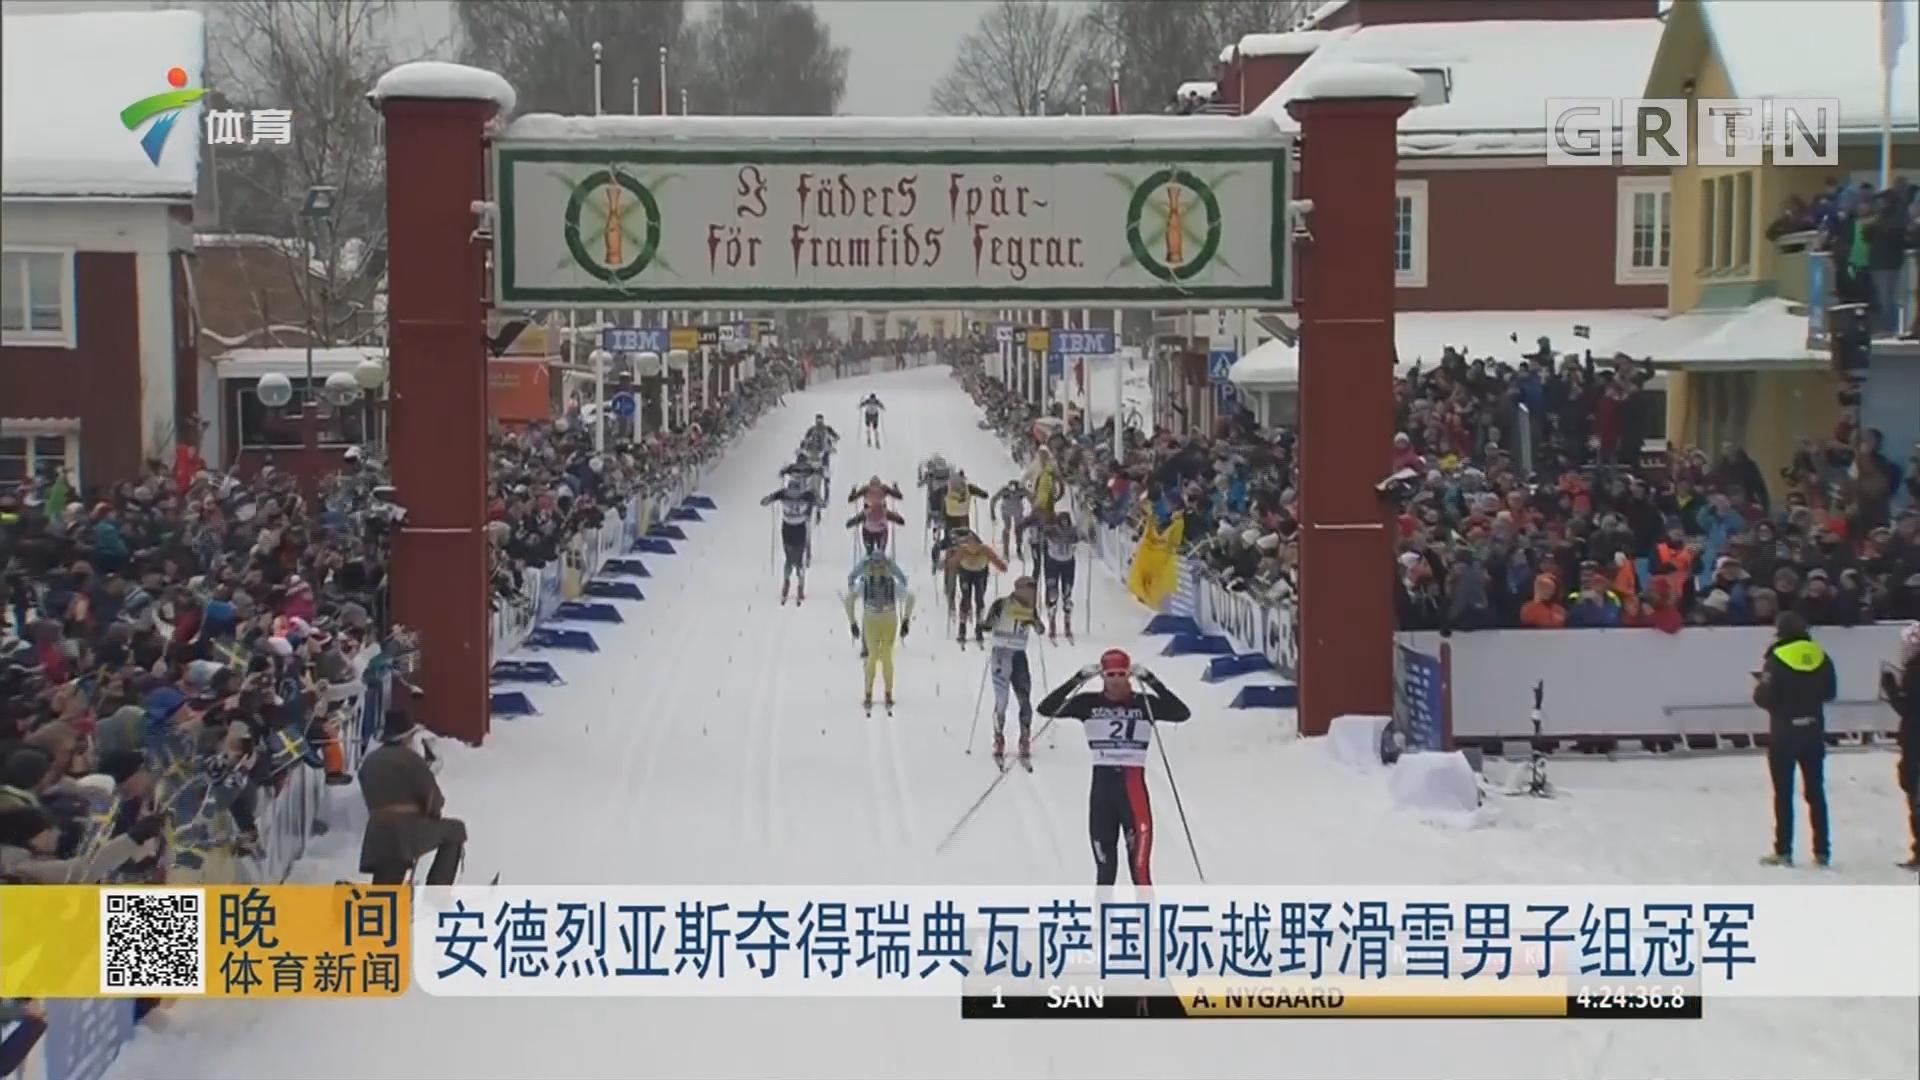 安德烈亚斯夺得瑞典瓦萨国际越野滑雪男子组冠军